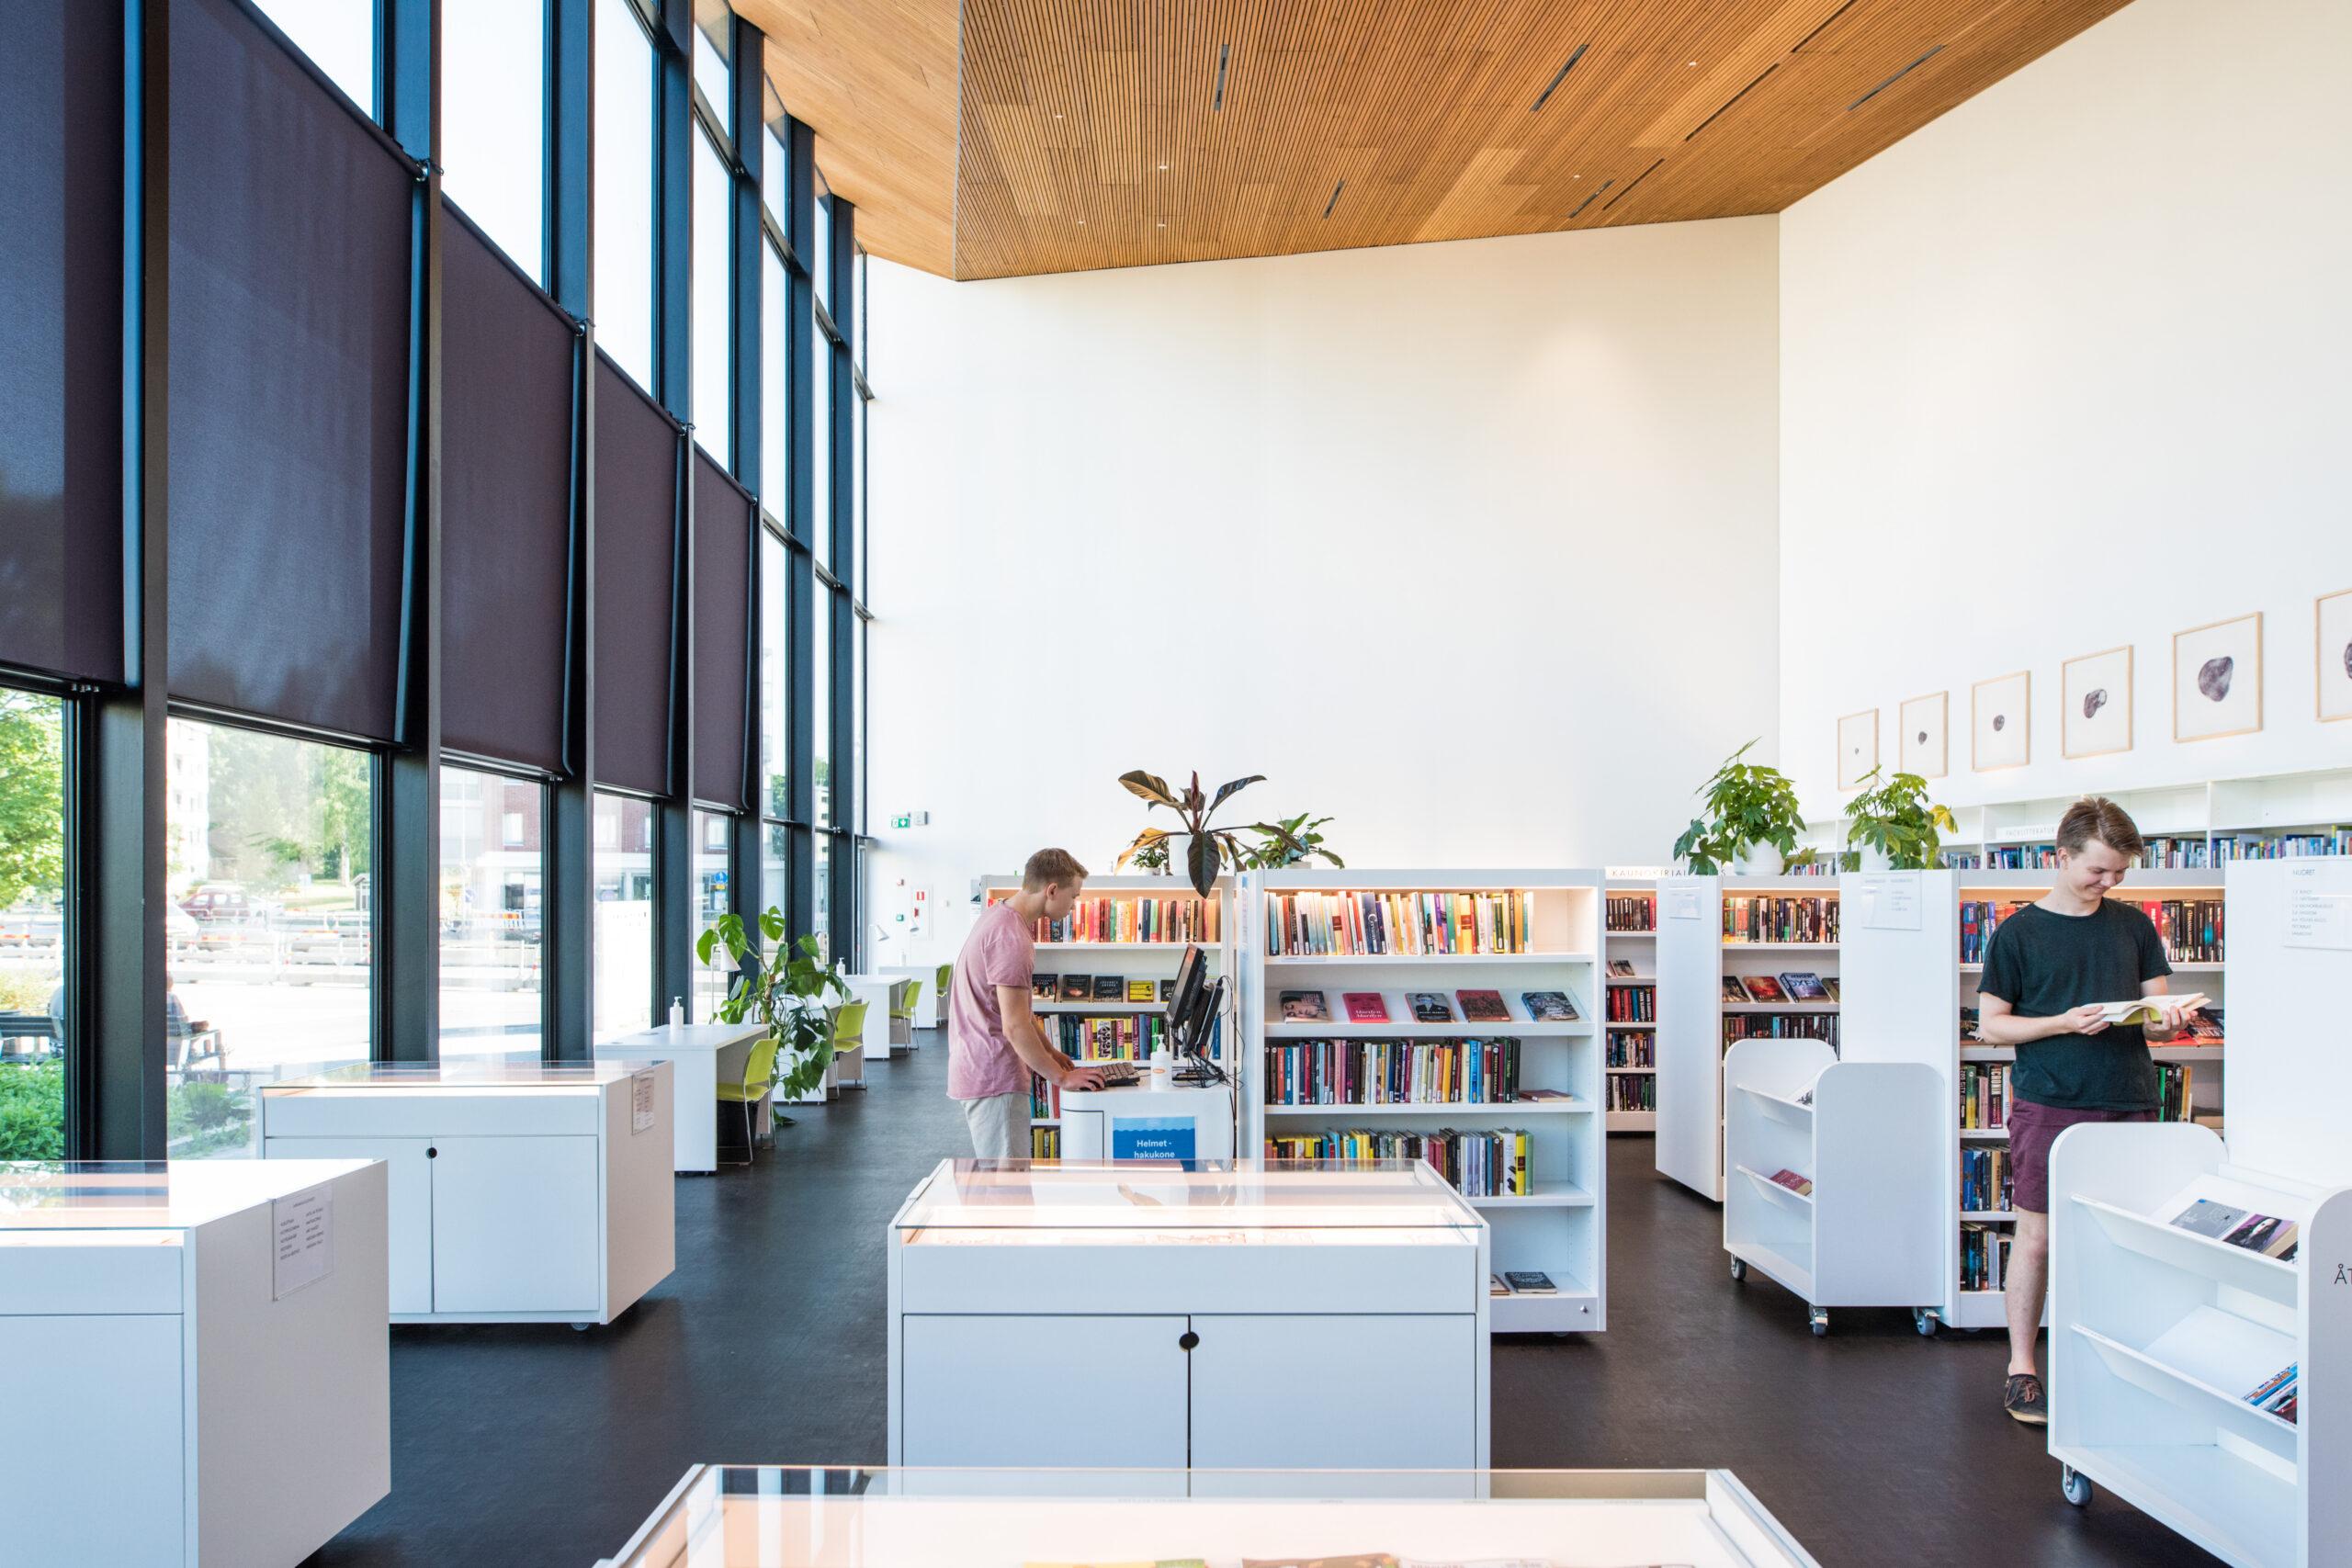 Kirjahyllyjä kirjastossa.